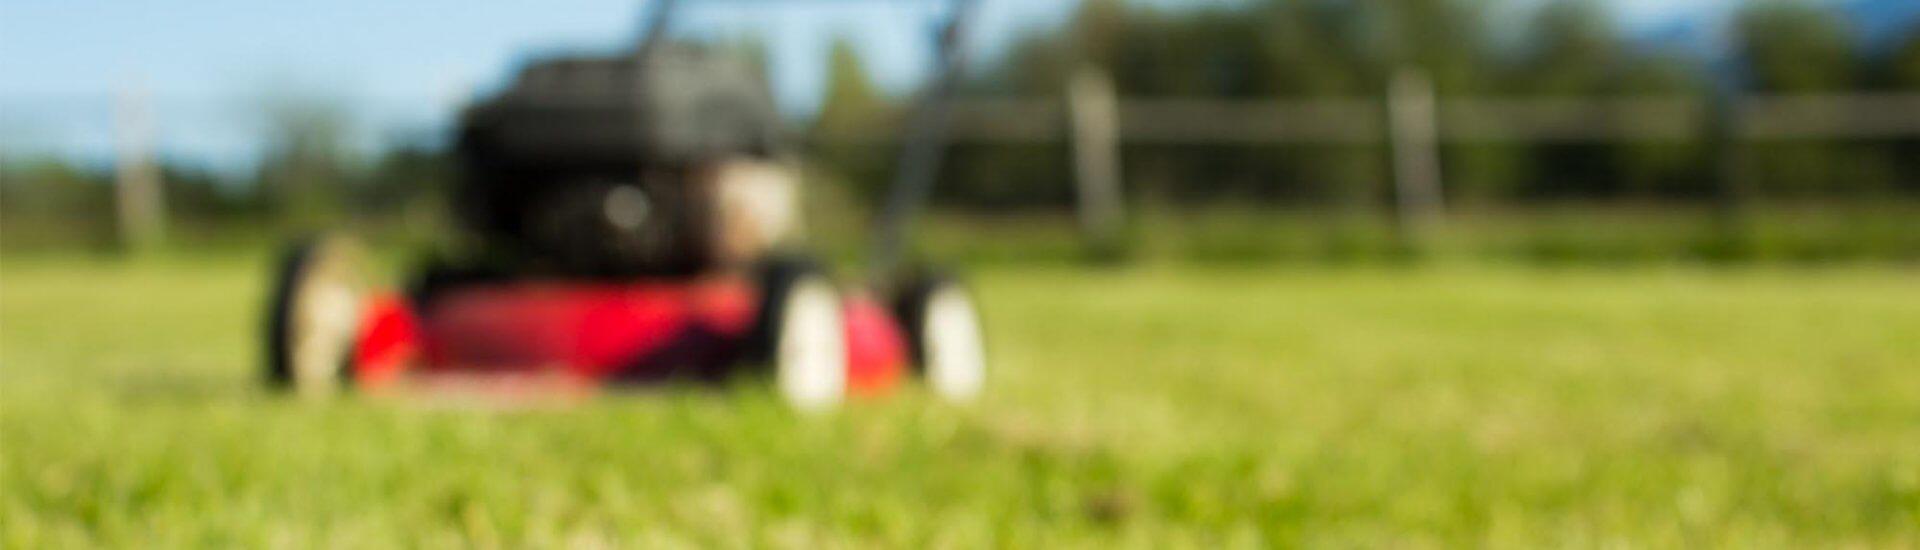 Einhell Rasenmäher: Top 3 Modelle, was zeichnet Einhell aus?